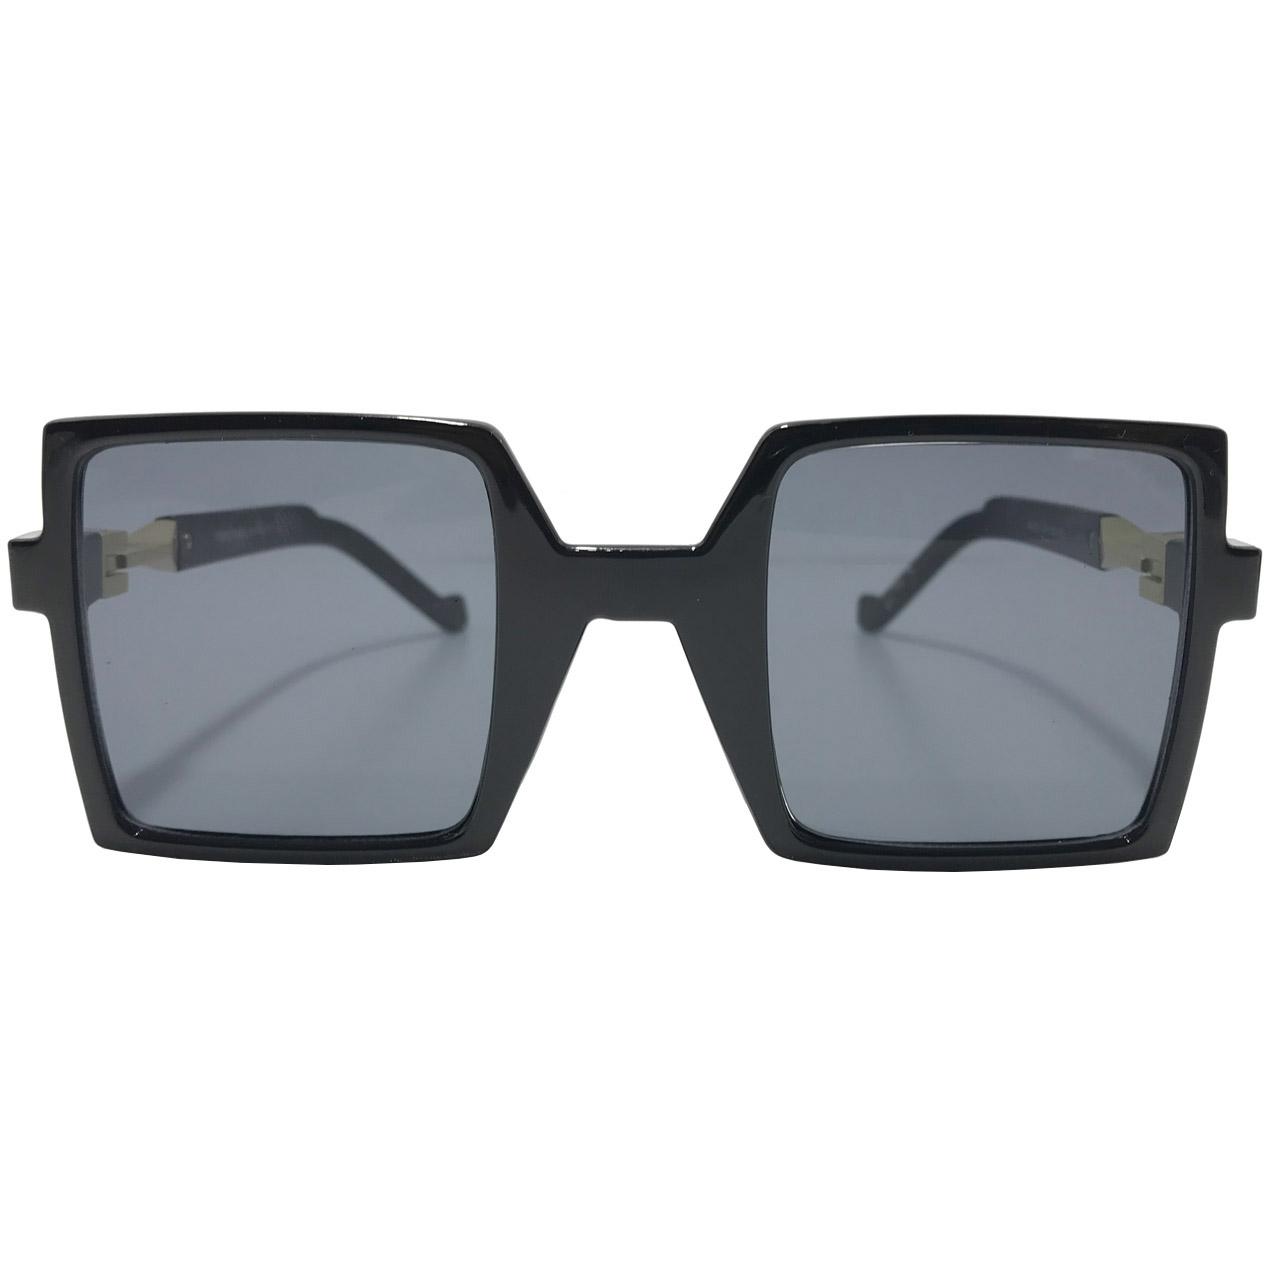 عکس عینک آفتابی زنانه مدل 1-W-WL002 به همراه جاسوییچی چرم طبیعی طرح کفش هدیه